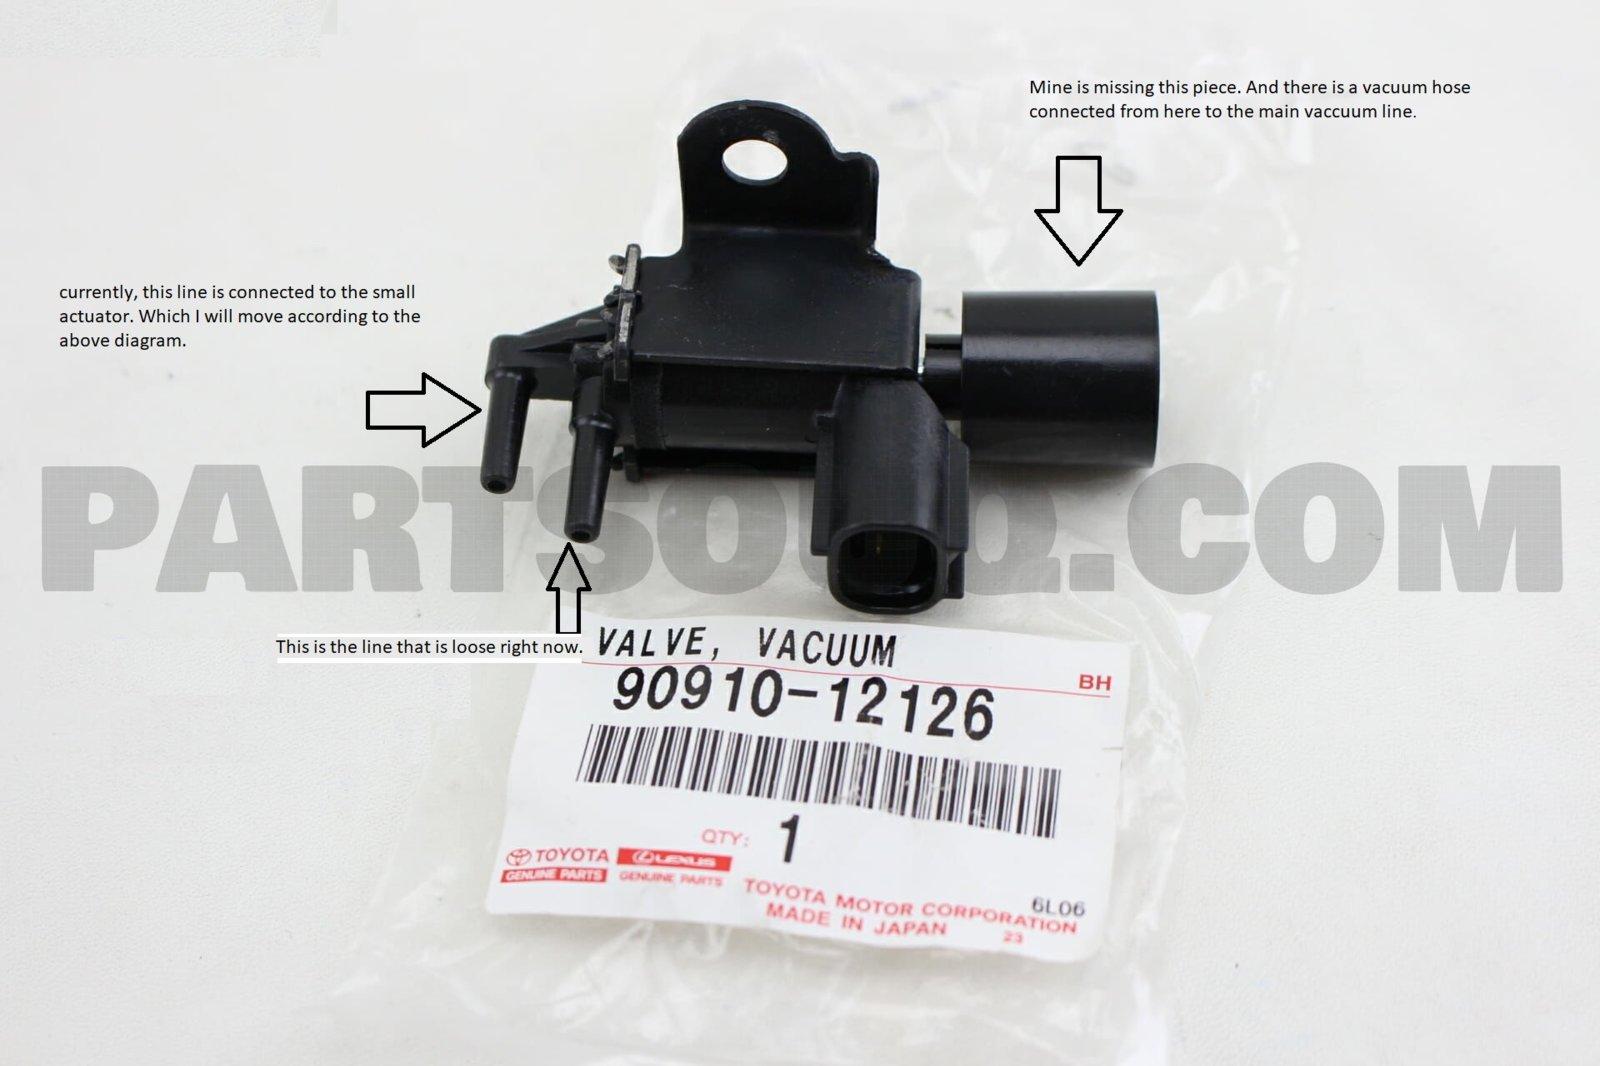 Vacuumsolenoid-9091012126.jpg